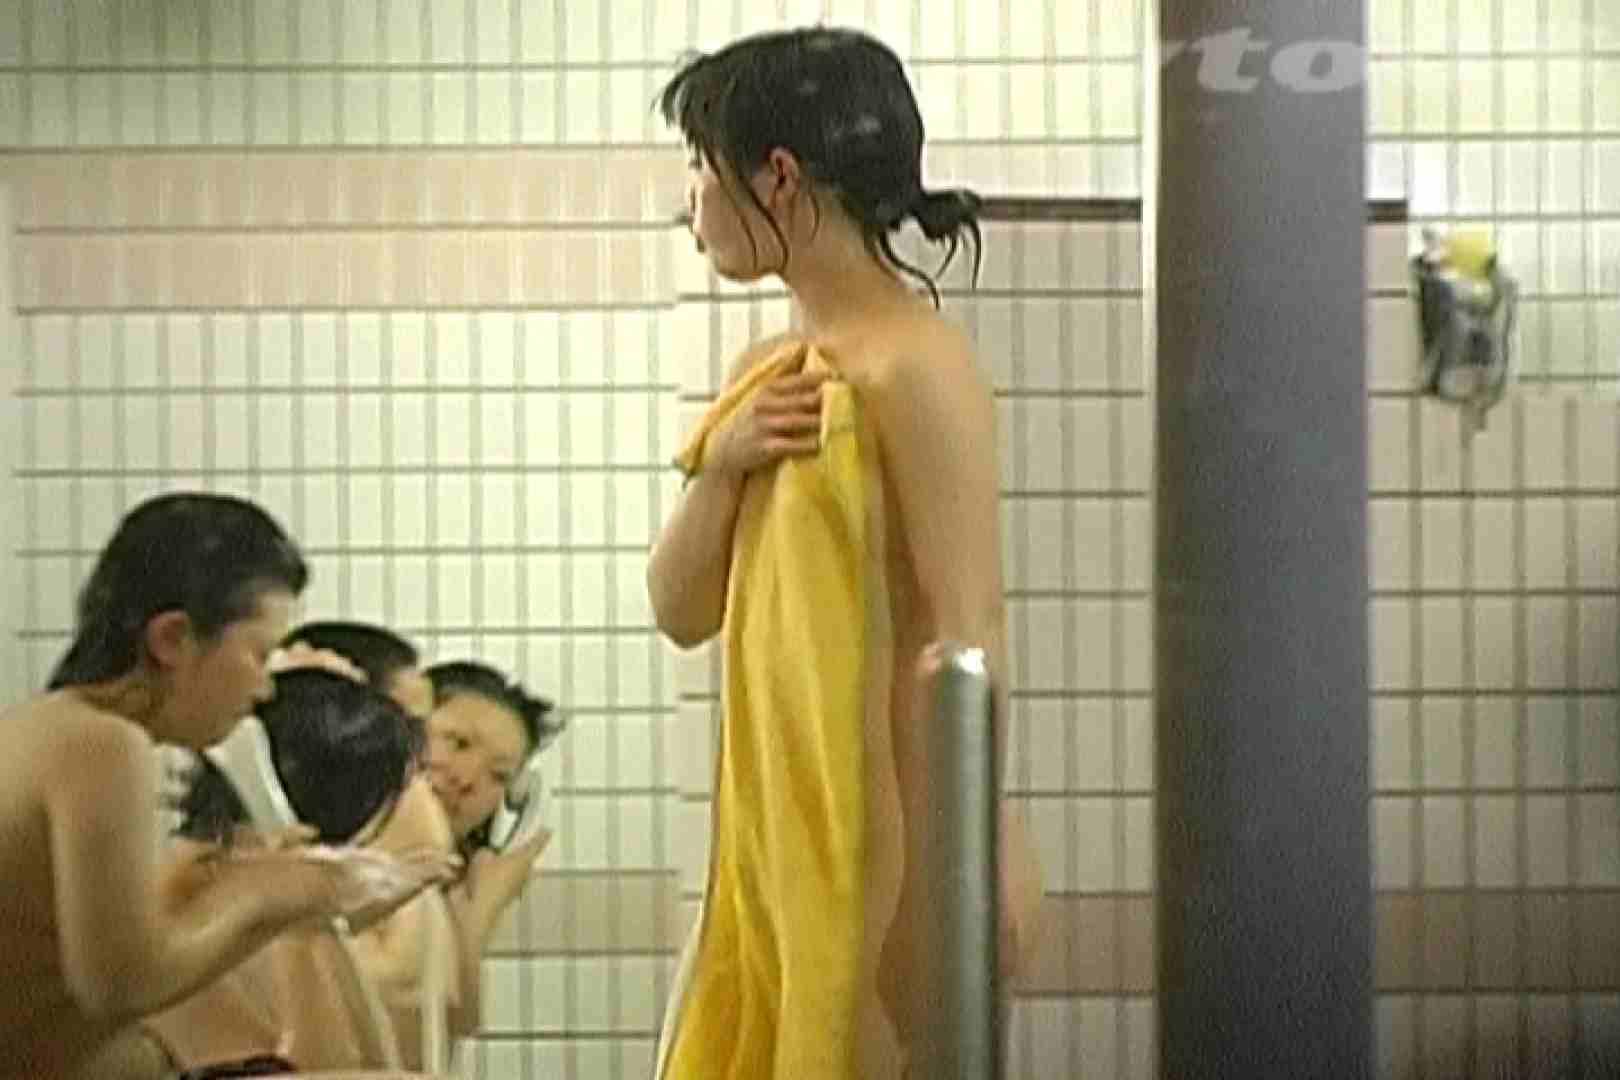 ▲復活限定▲合宿ホテル女風呂盗撮 Vol.27 名作 覗きおまんこ画像 99pic 71